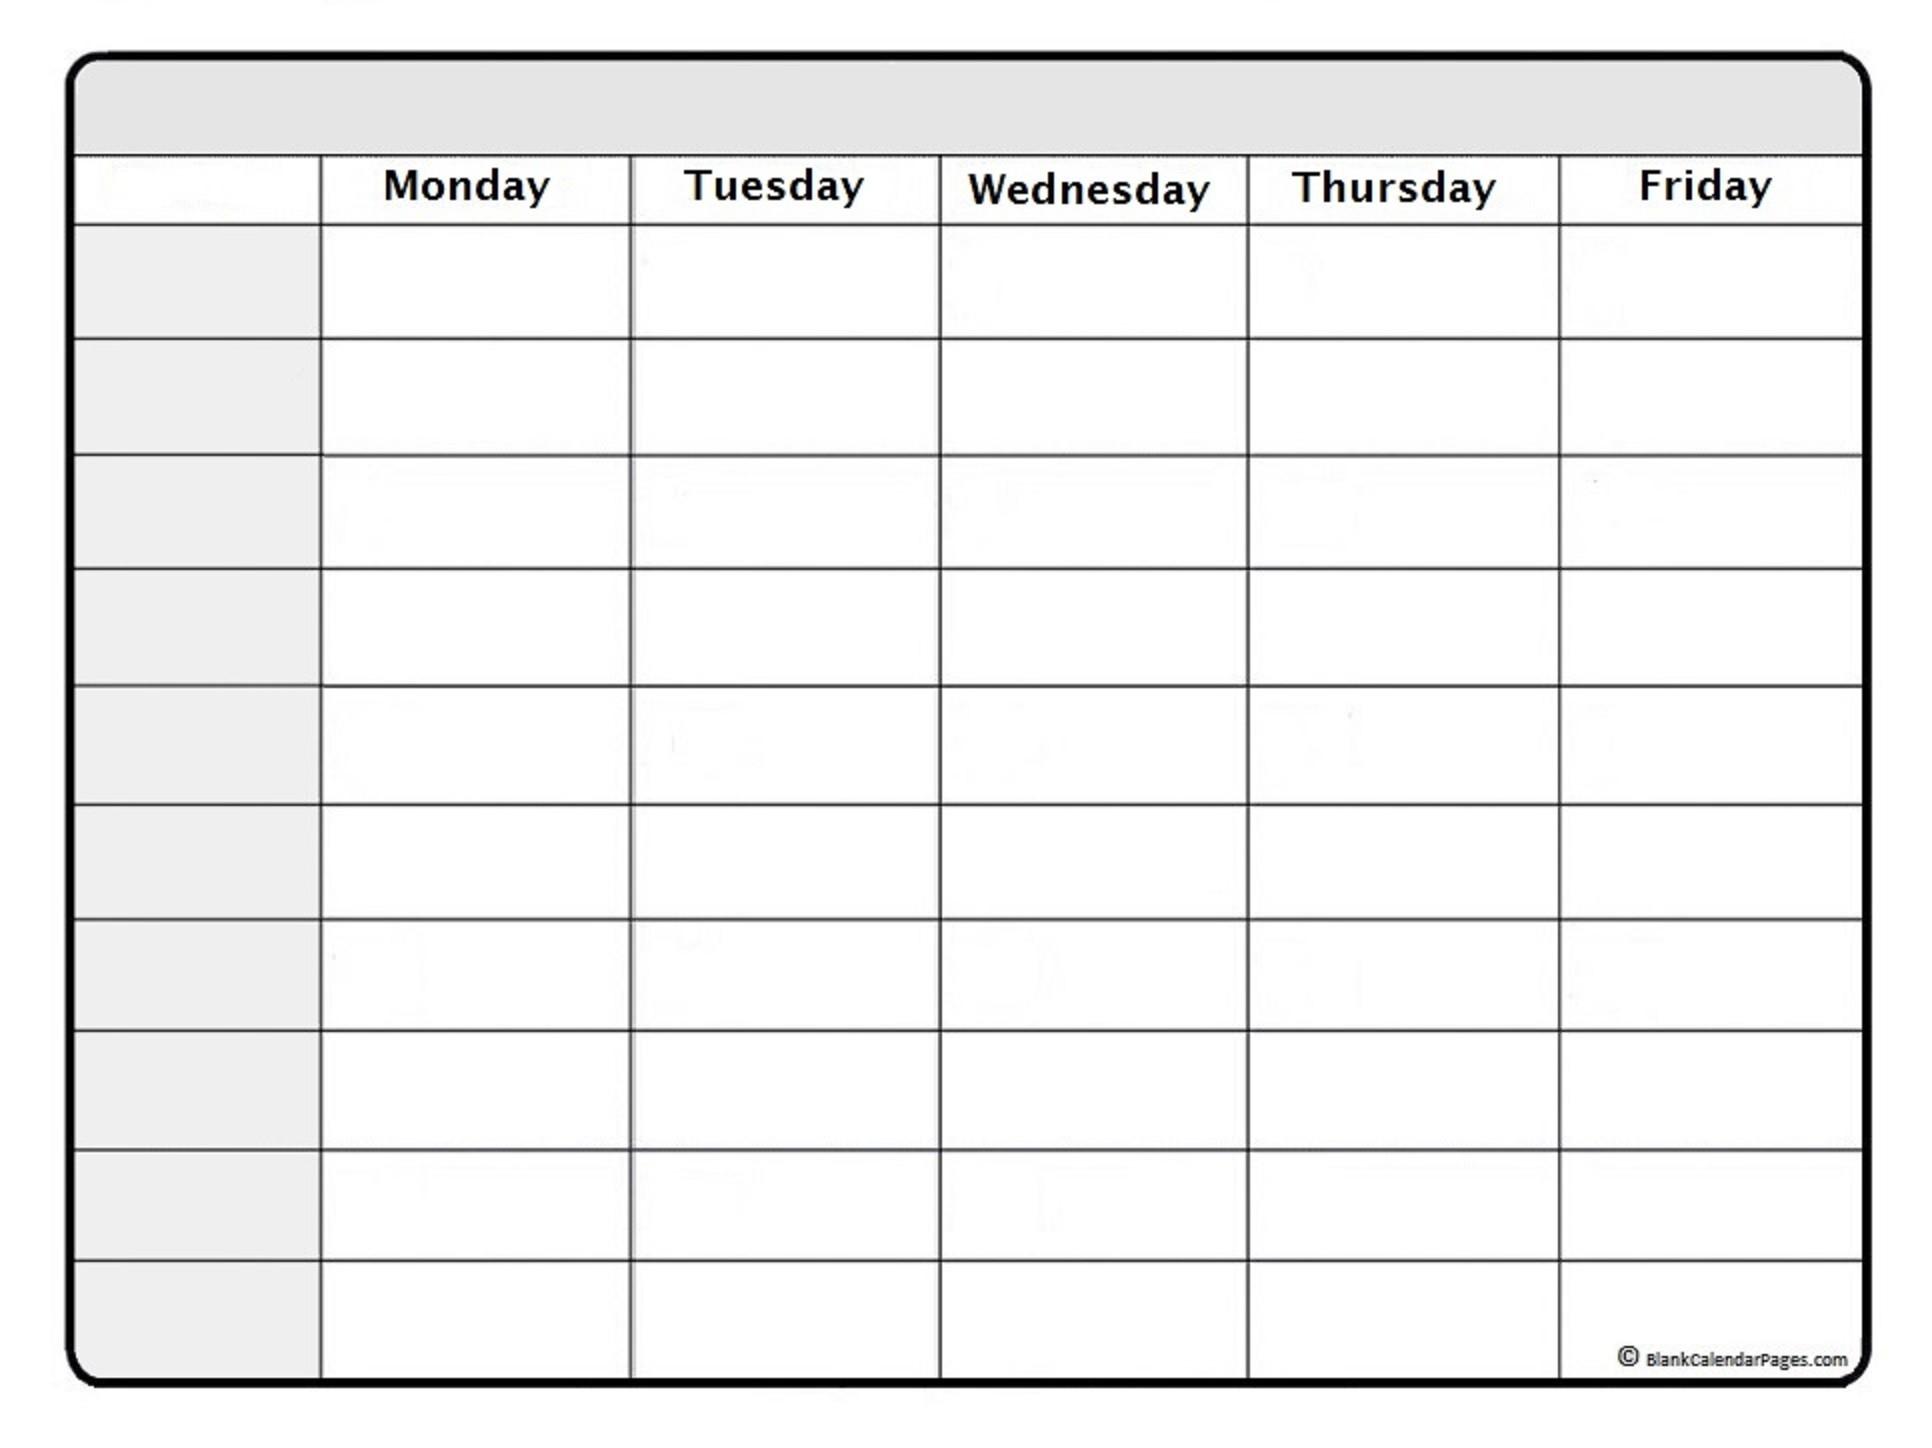 December 2020 Weekly Calendar | December 2020 Weekly  Free Printable Weekly Time Calendar